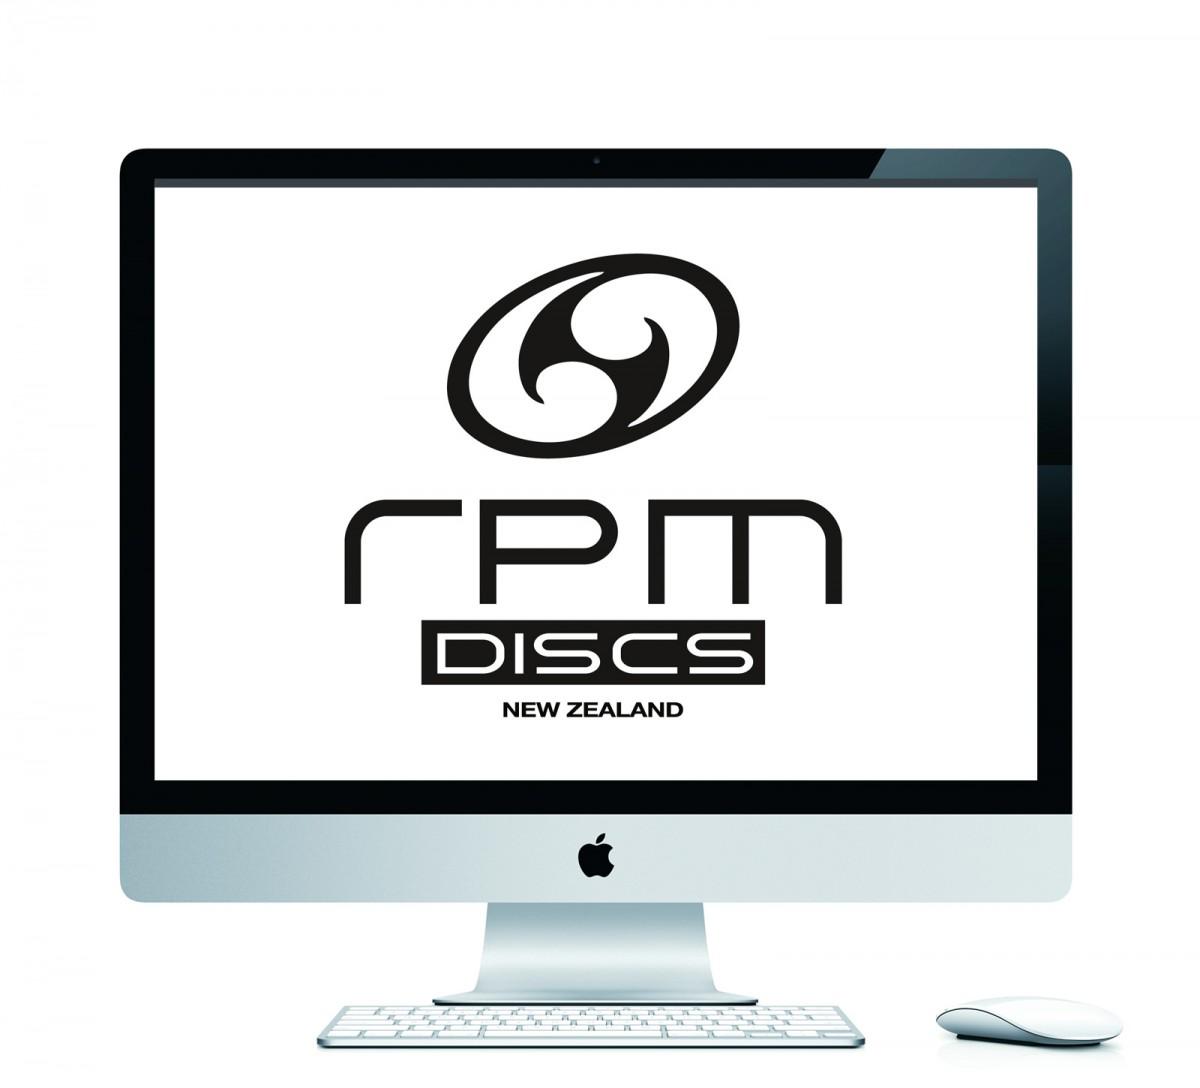 RPM Discs